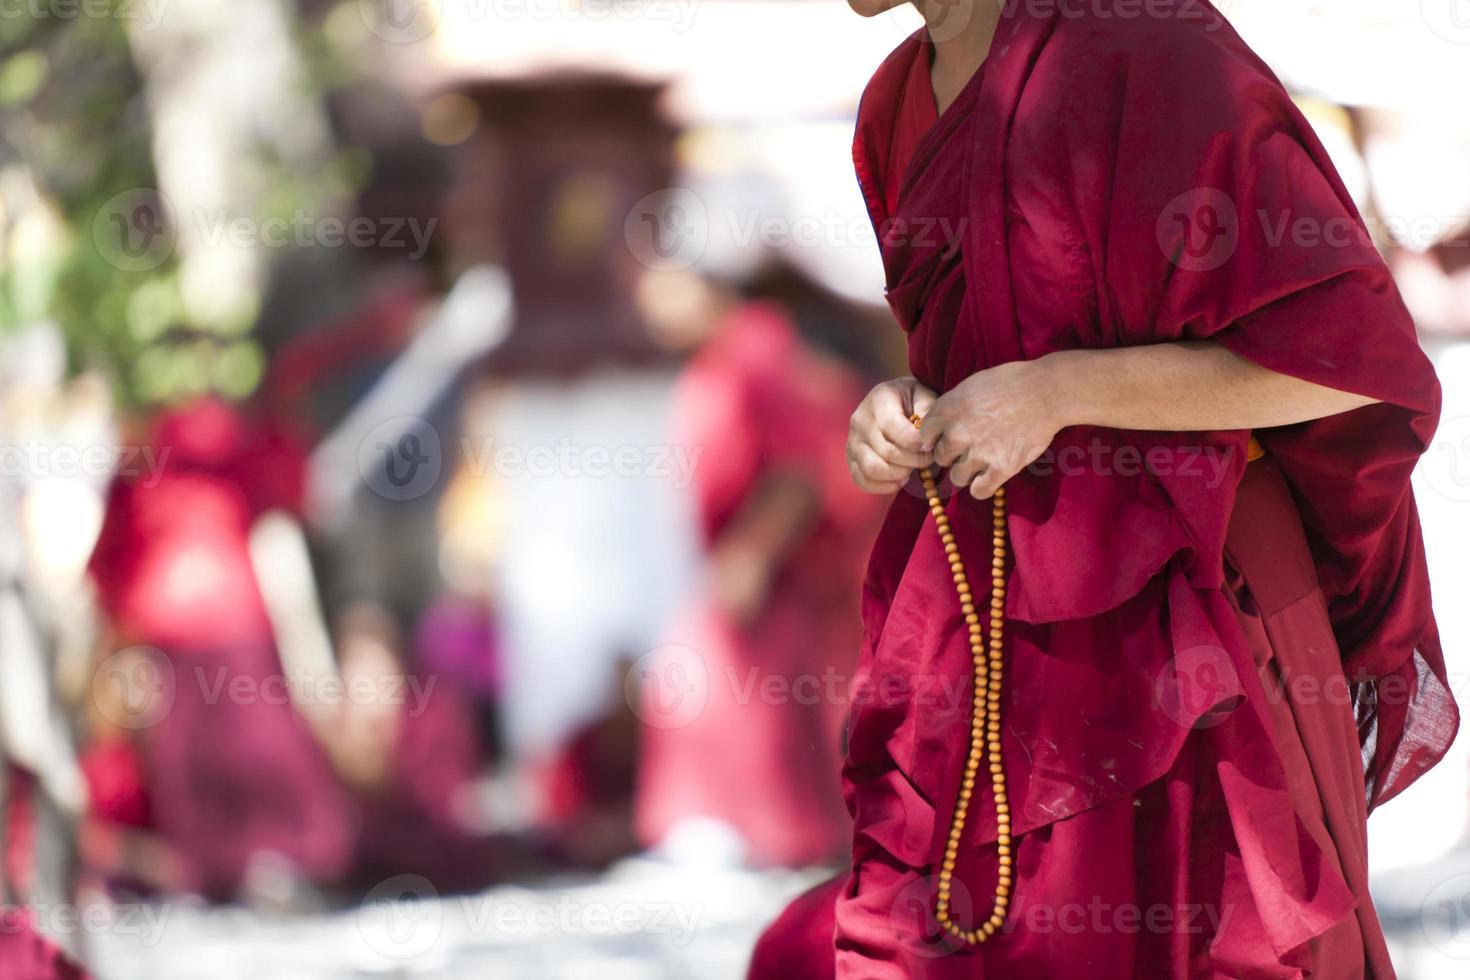 monnik met gebedssnoer foto